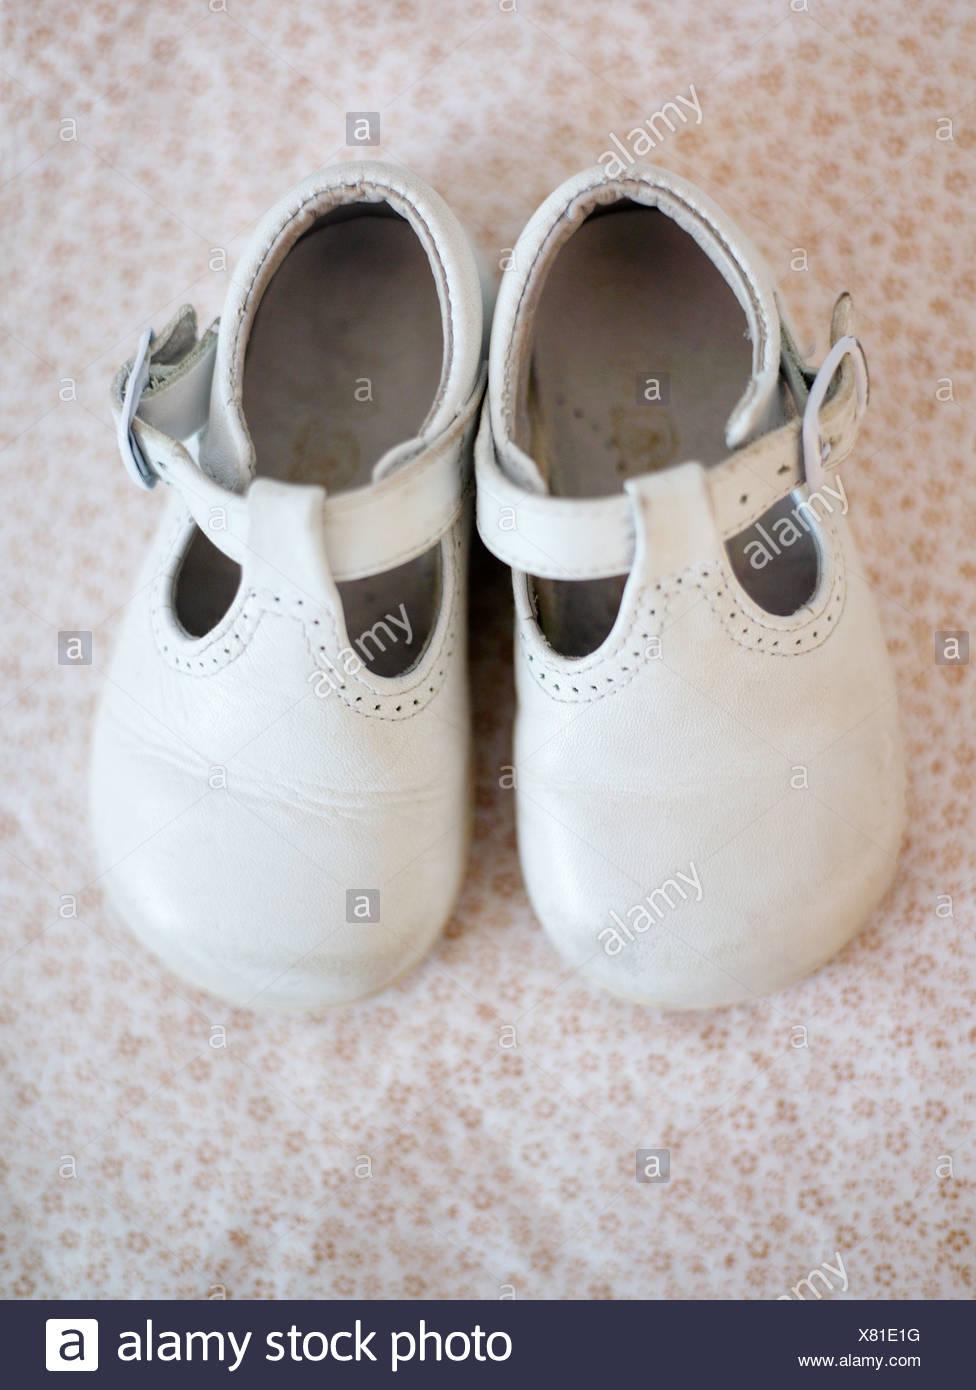 Banque Blanches La D'imagesPhoto Stock Chaussures De Suède IgYvm76bfy